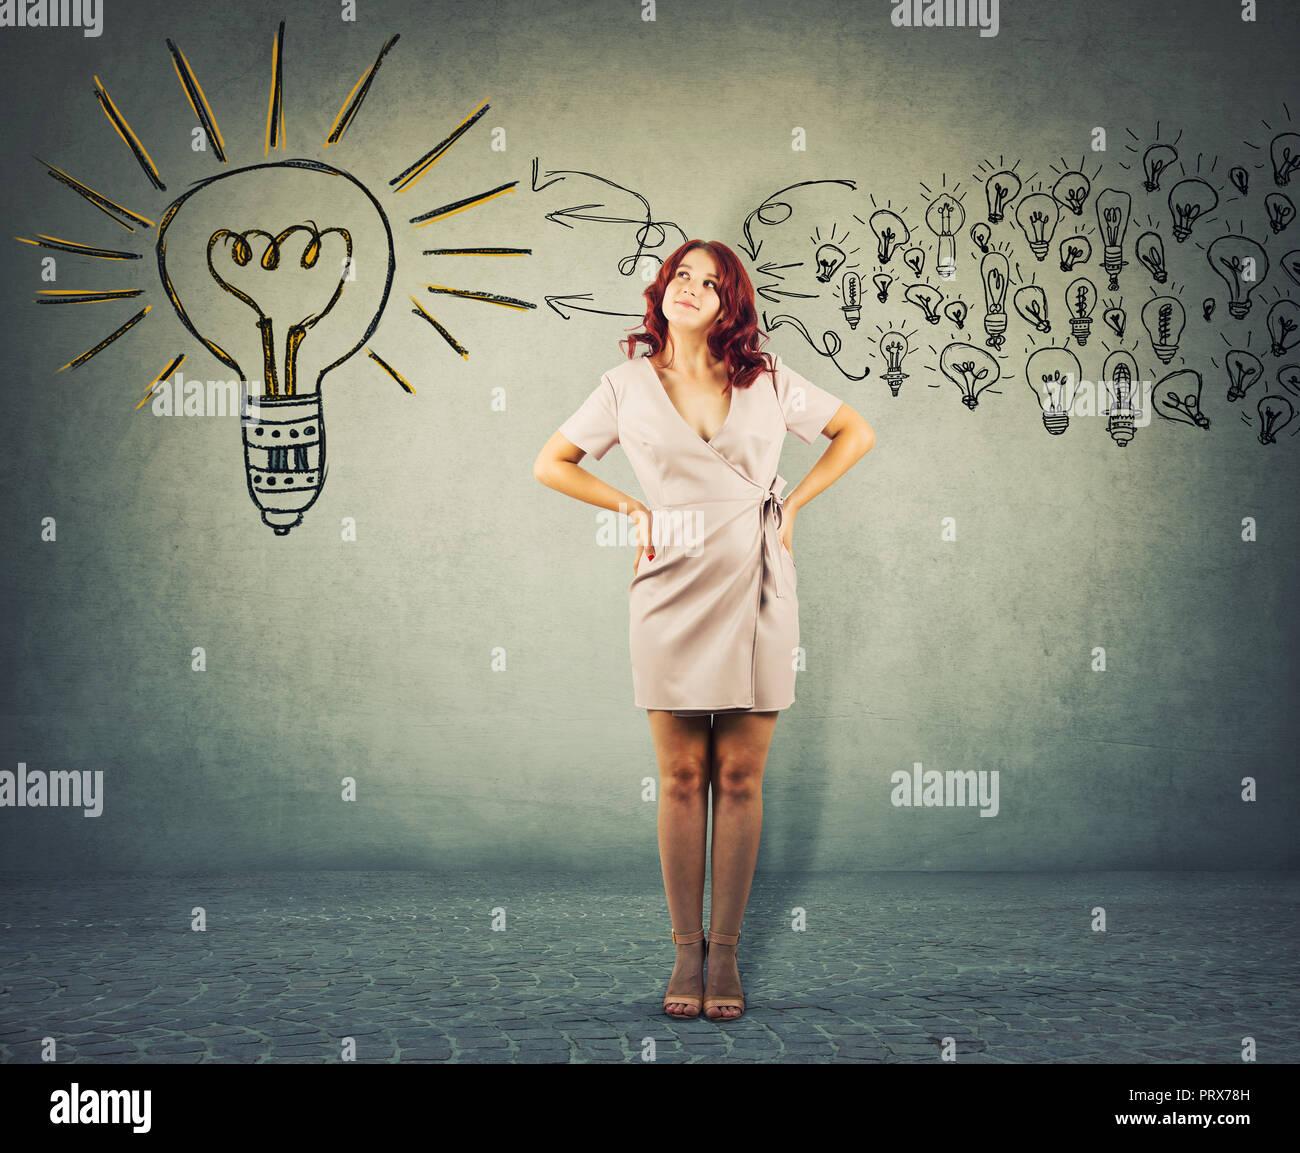 In voller Länge Porträt der rothaarige junge Frau auf den Hüften nach oben denken positiv. Geschäftskonzept nachdenkliches Mädchen Ideen sammeln Stockbild